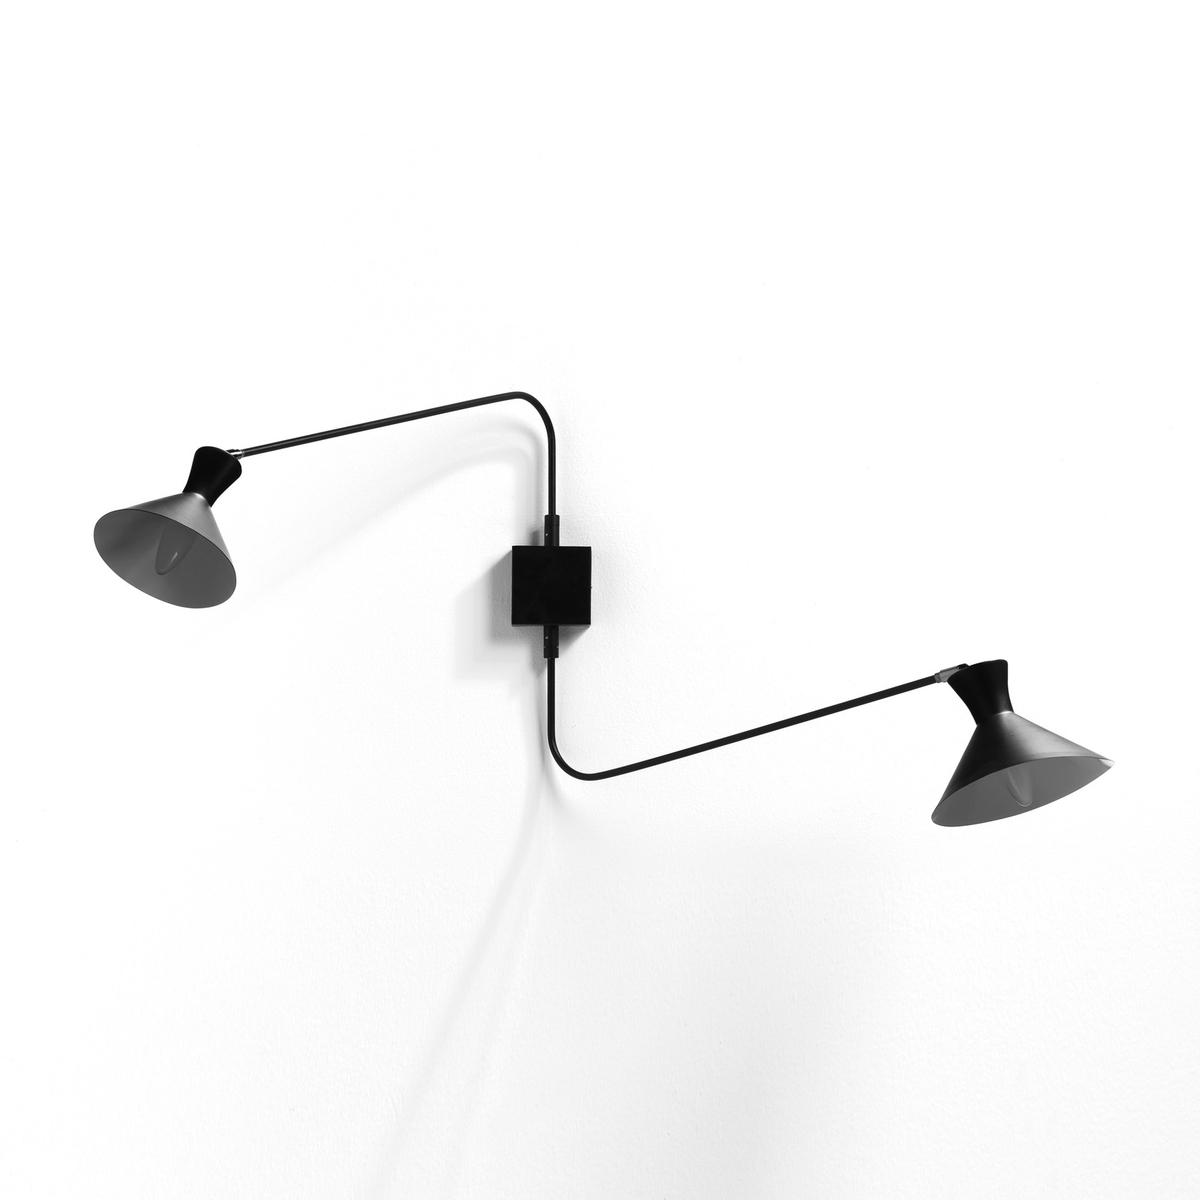 Бра с 2 лапками, VoltigeБра Voltige. Строгий и функциональный дизайн. 2 регулируемые лапки обеспечивают направленное освещение . Характеристики : - Из металла с черным эпоксидным покрытием . - Патроны E14 для лампочек макс 11W (не входят в комплект)  . - Этот светильник совместим с лампочками    энергетического класса   A-B-C-D-E .Размеры : - 120 x 50 x 40 см (в обычном положении).    - Абажур ?17 см<br><br>Цвет: белый,черный